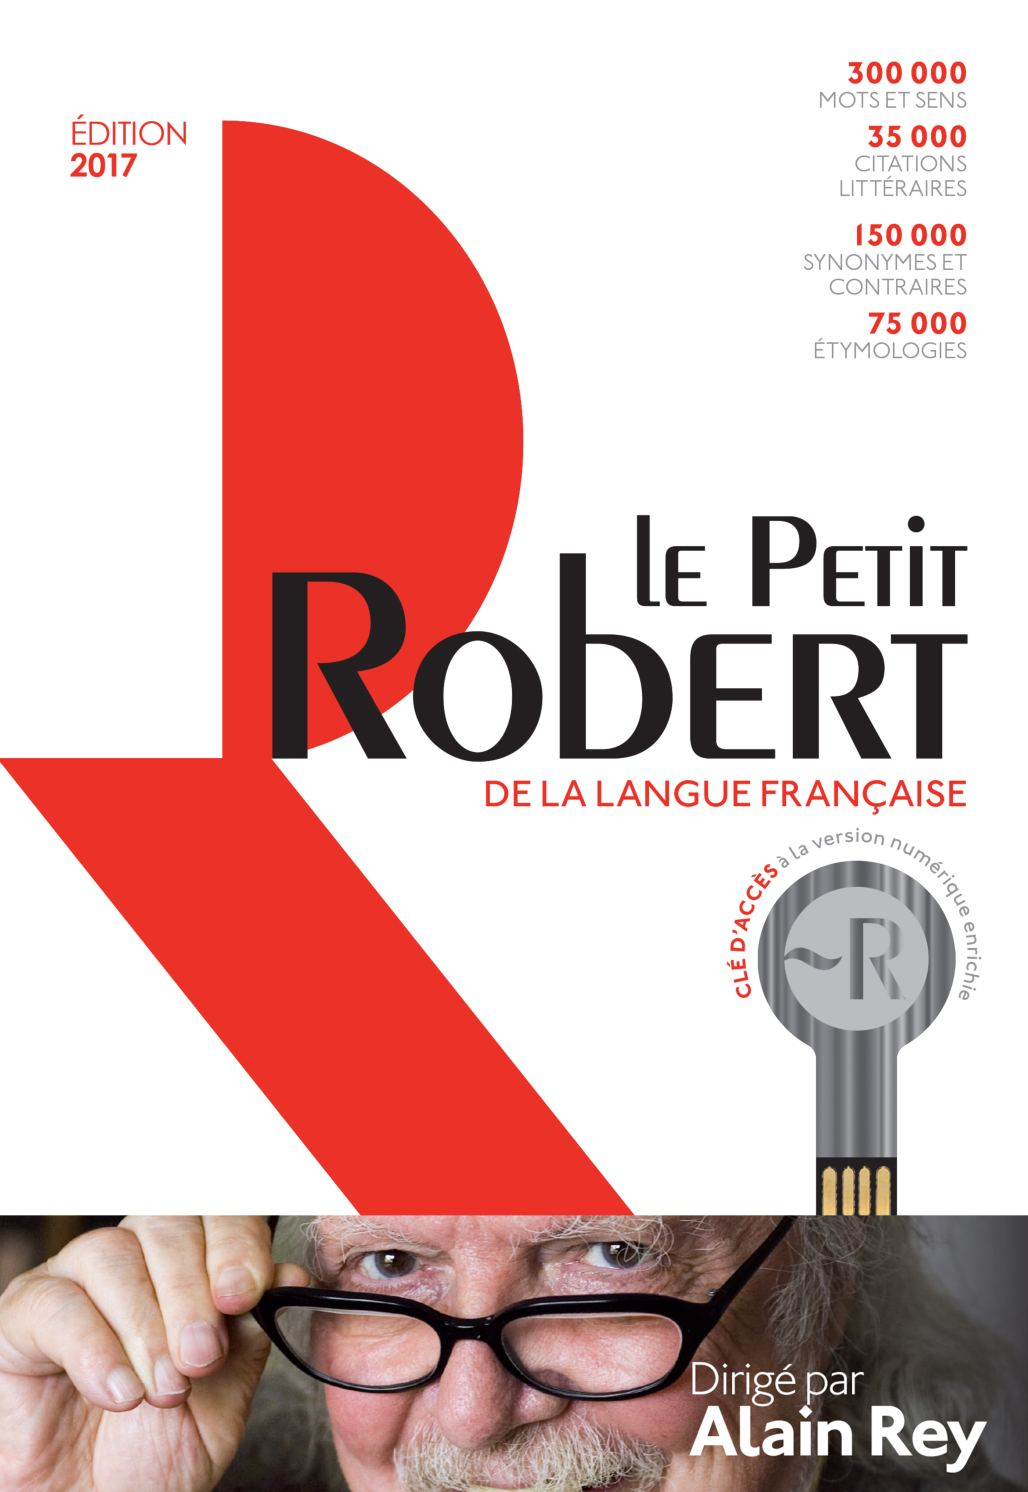 Calaméo - Dictionnaire Le Petit Robert de la langue française et sa clé  d accès au dictionnaire numérique d9560495b00